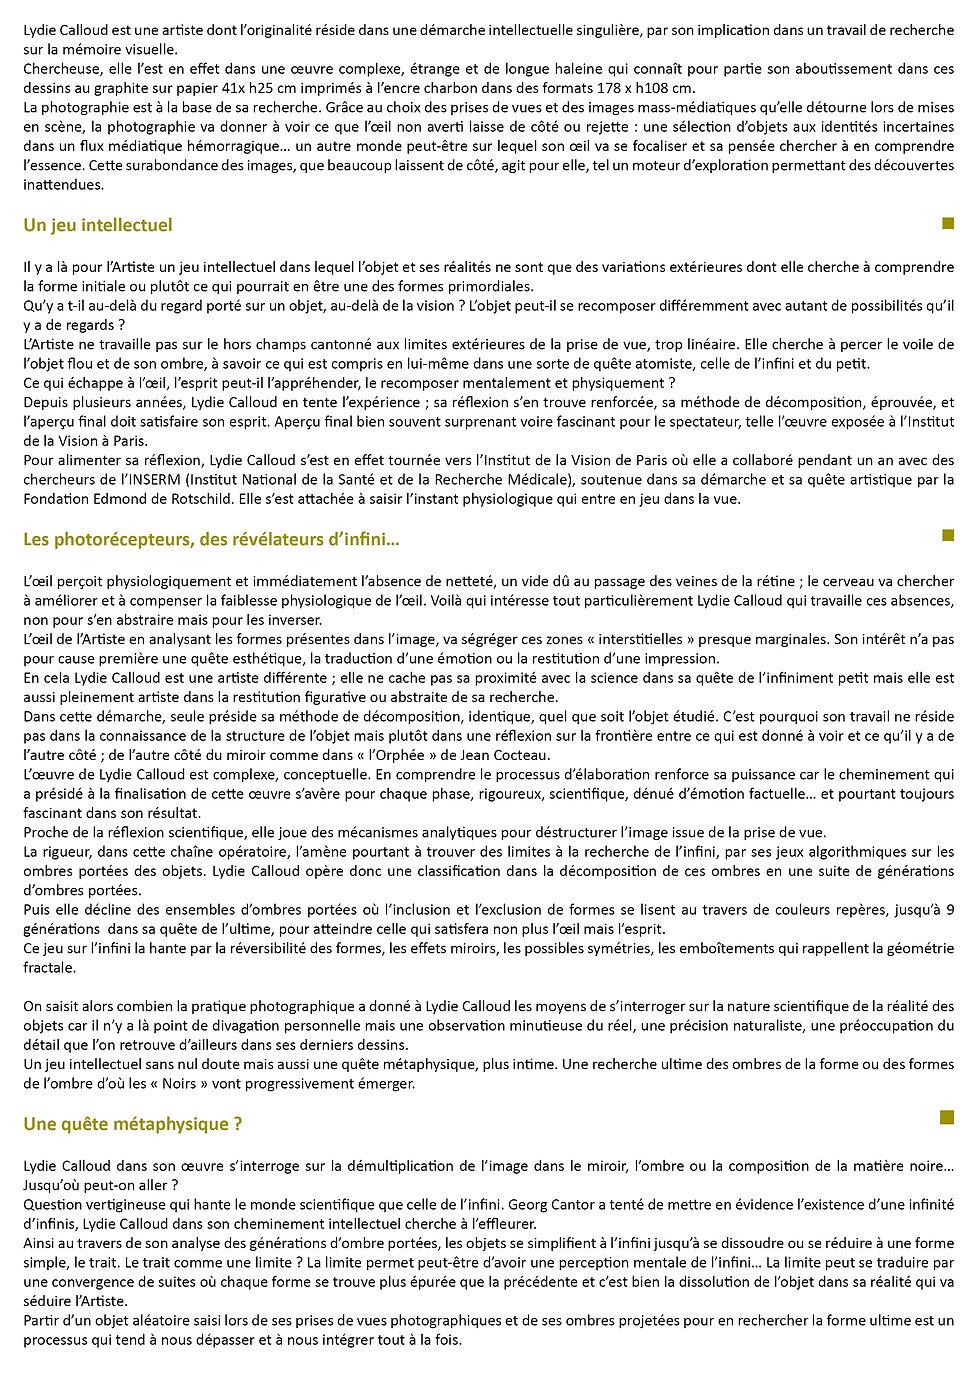 Lydie Calloud - web 12.jpg